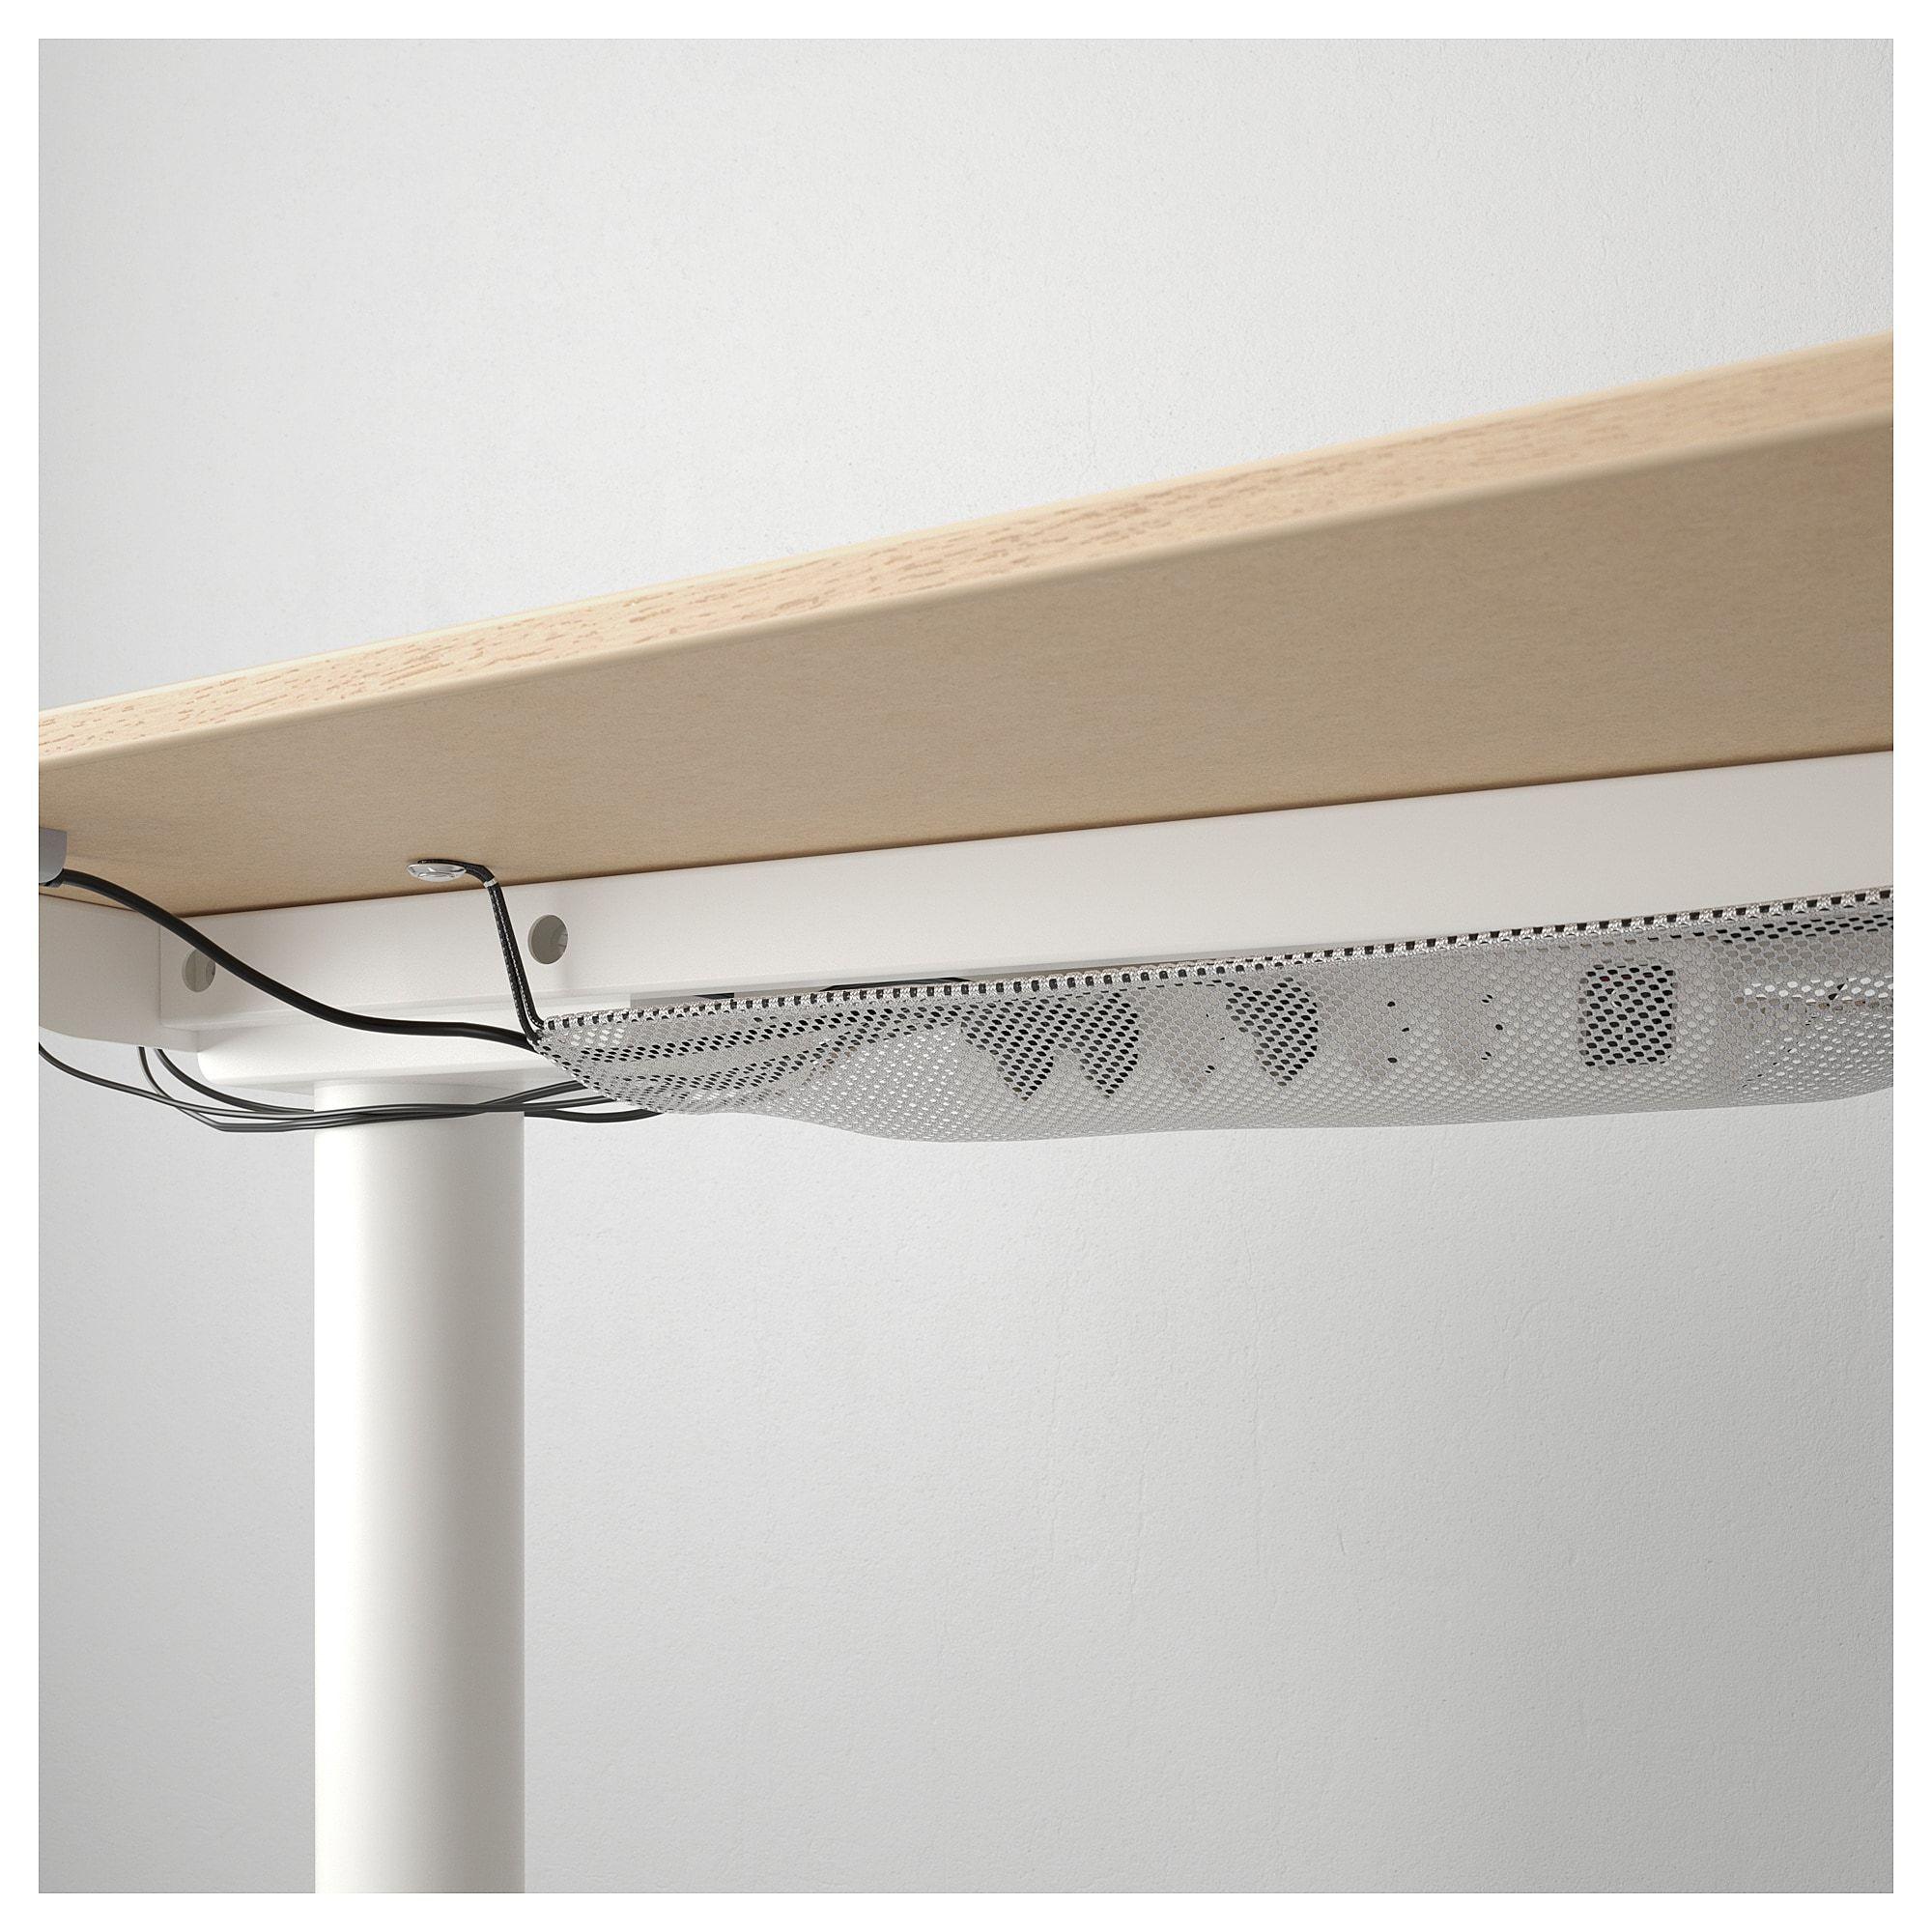 Bekant Ecktisch Rechts Sitz Steh Eichenfurnier Weiss Lasiert Weiss Ikea Osterreich Ecktisch Furnier Und Aufgeraumter Schreibtisch